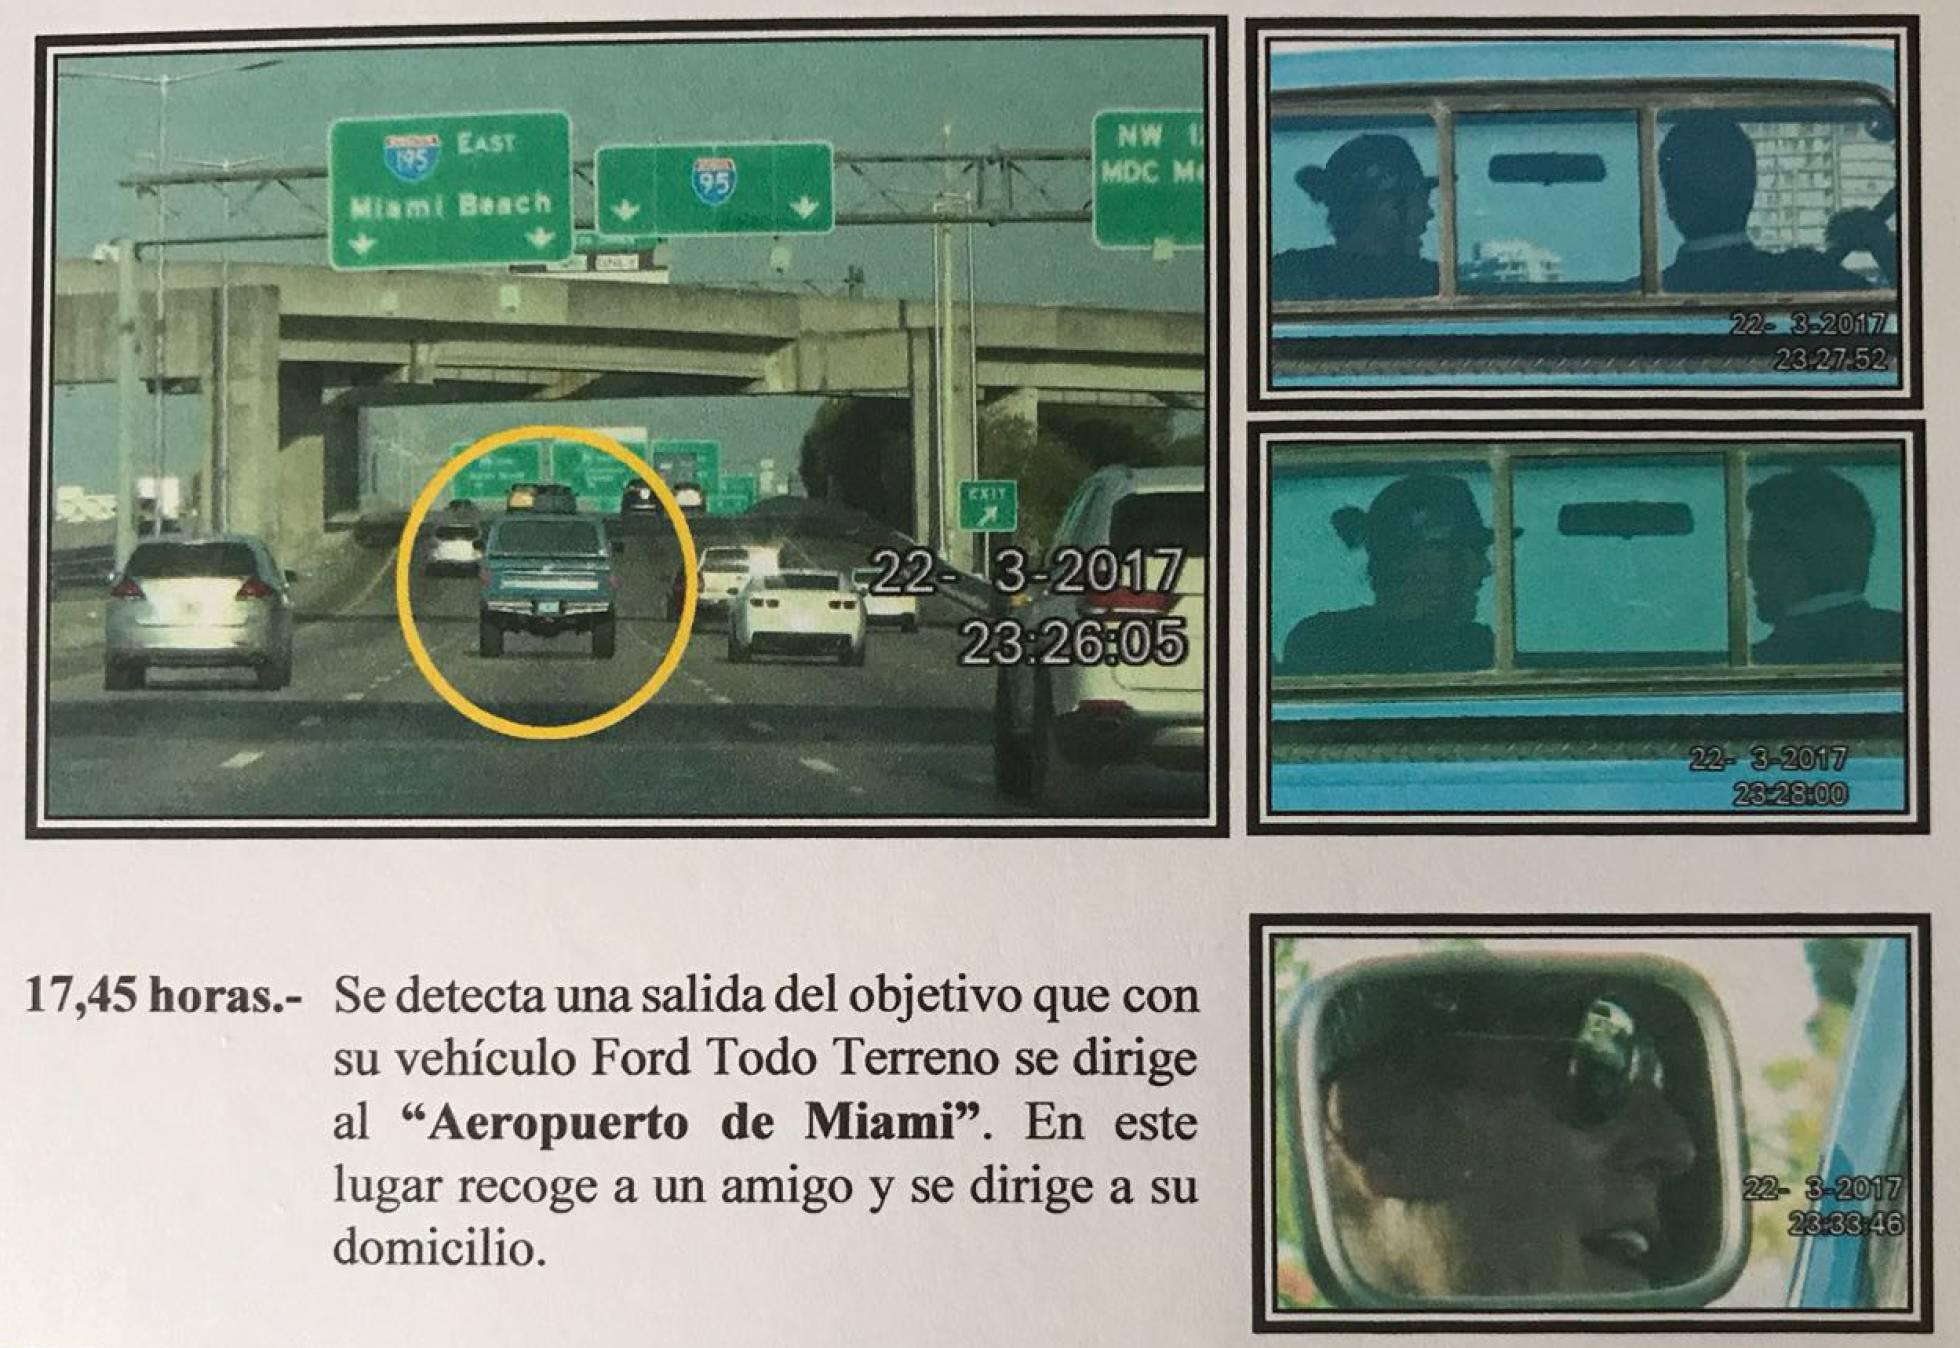 Los detalles de cómo se espió a Julio Iglesias y su familia